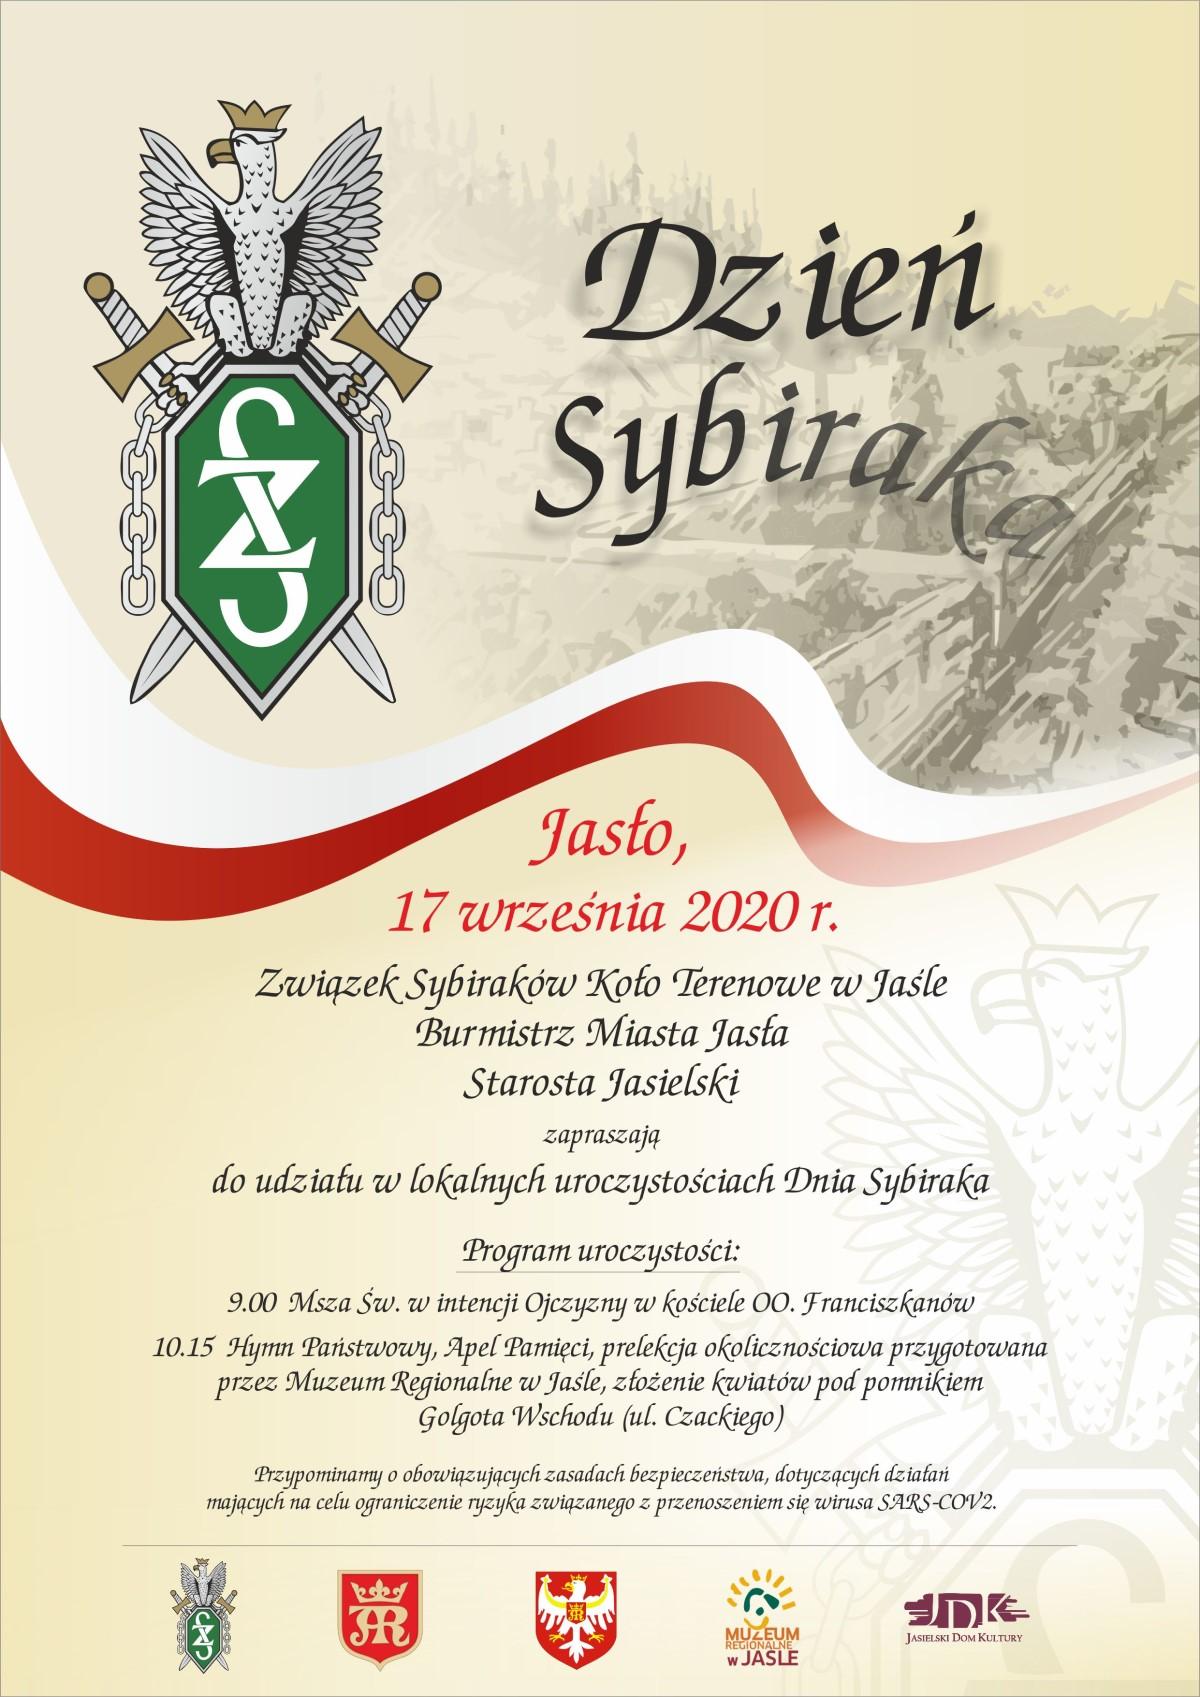 http://www.terazjaslo.pl/wp-content/uploads/2020/09/Dzien-Sybiraka-2020.jpg